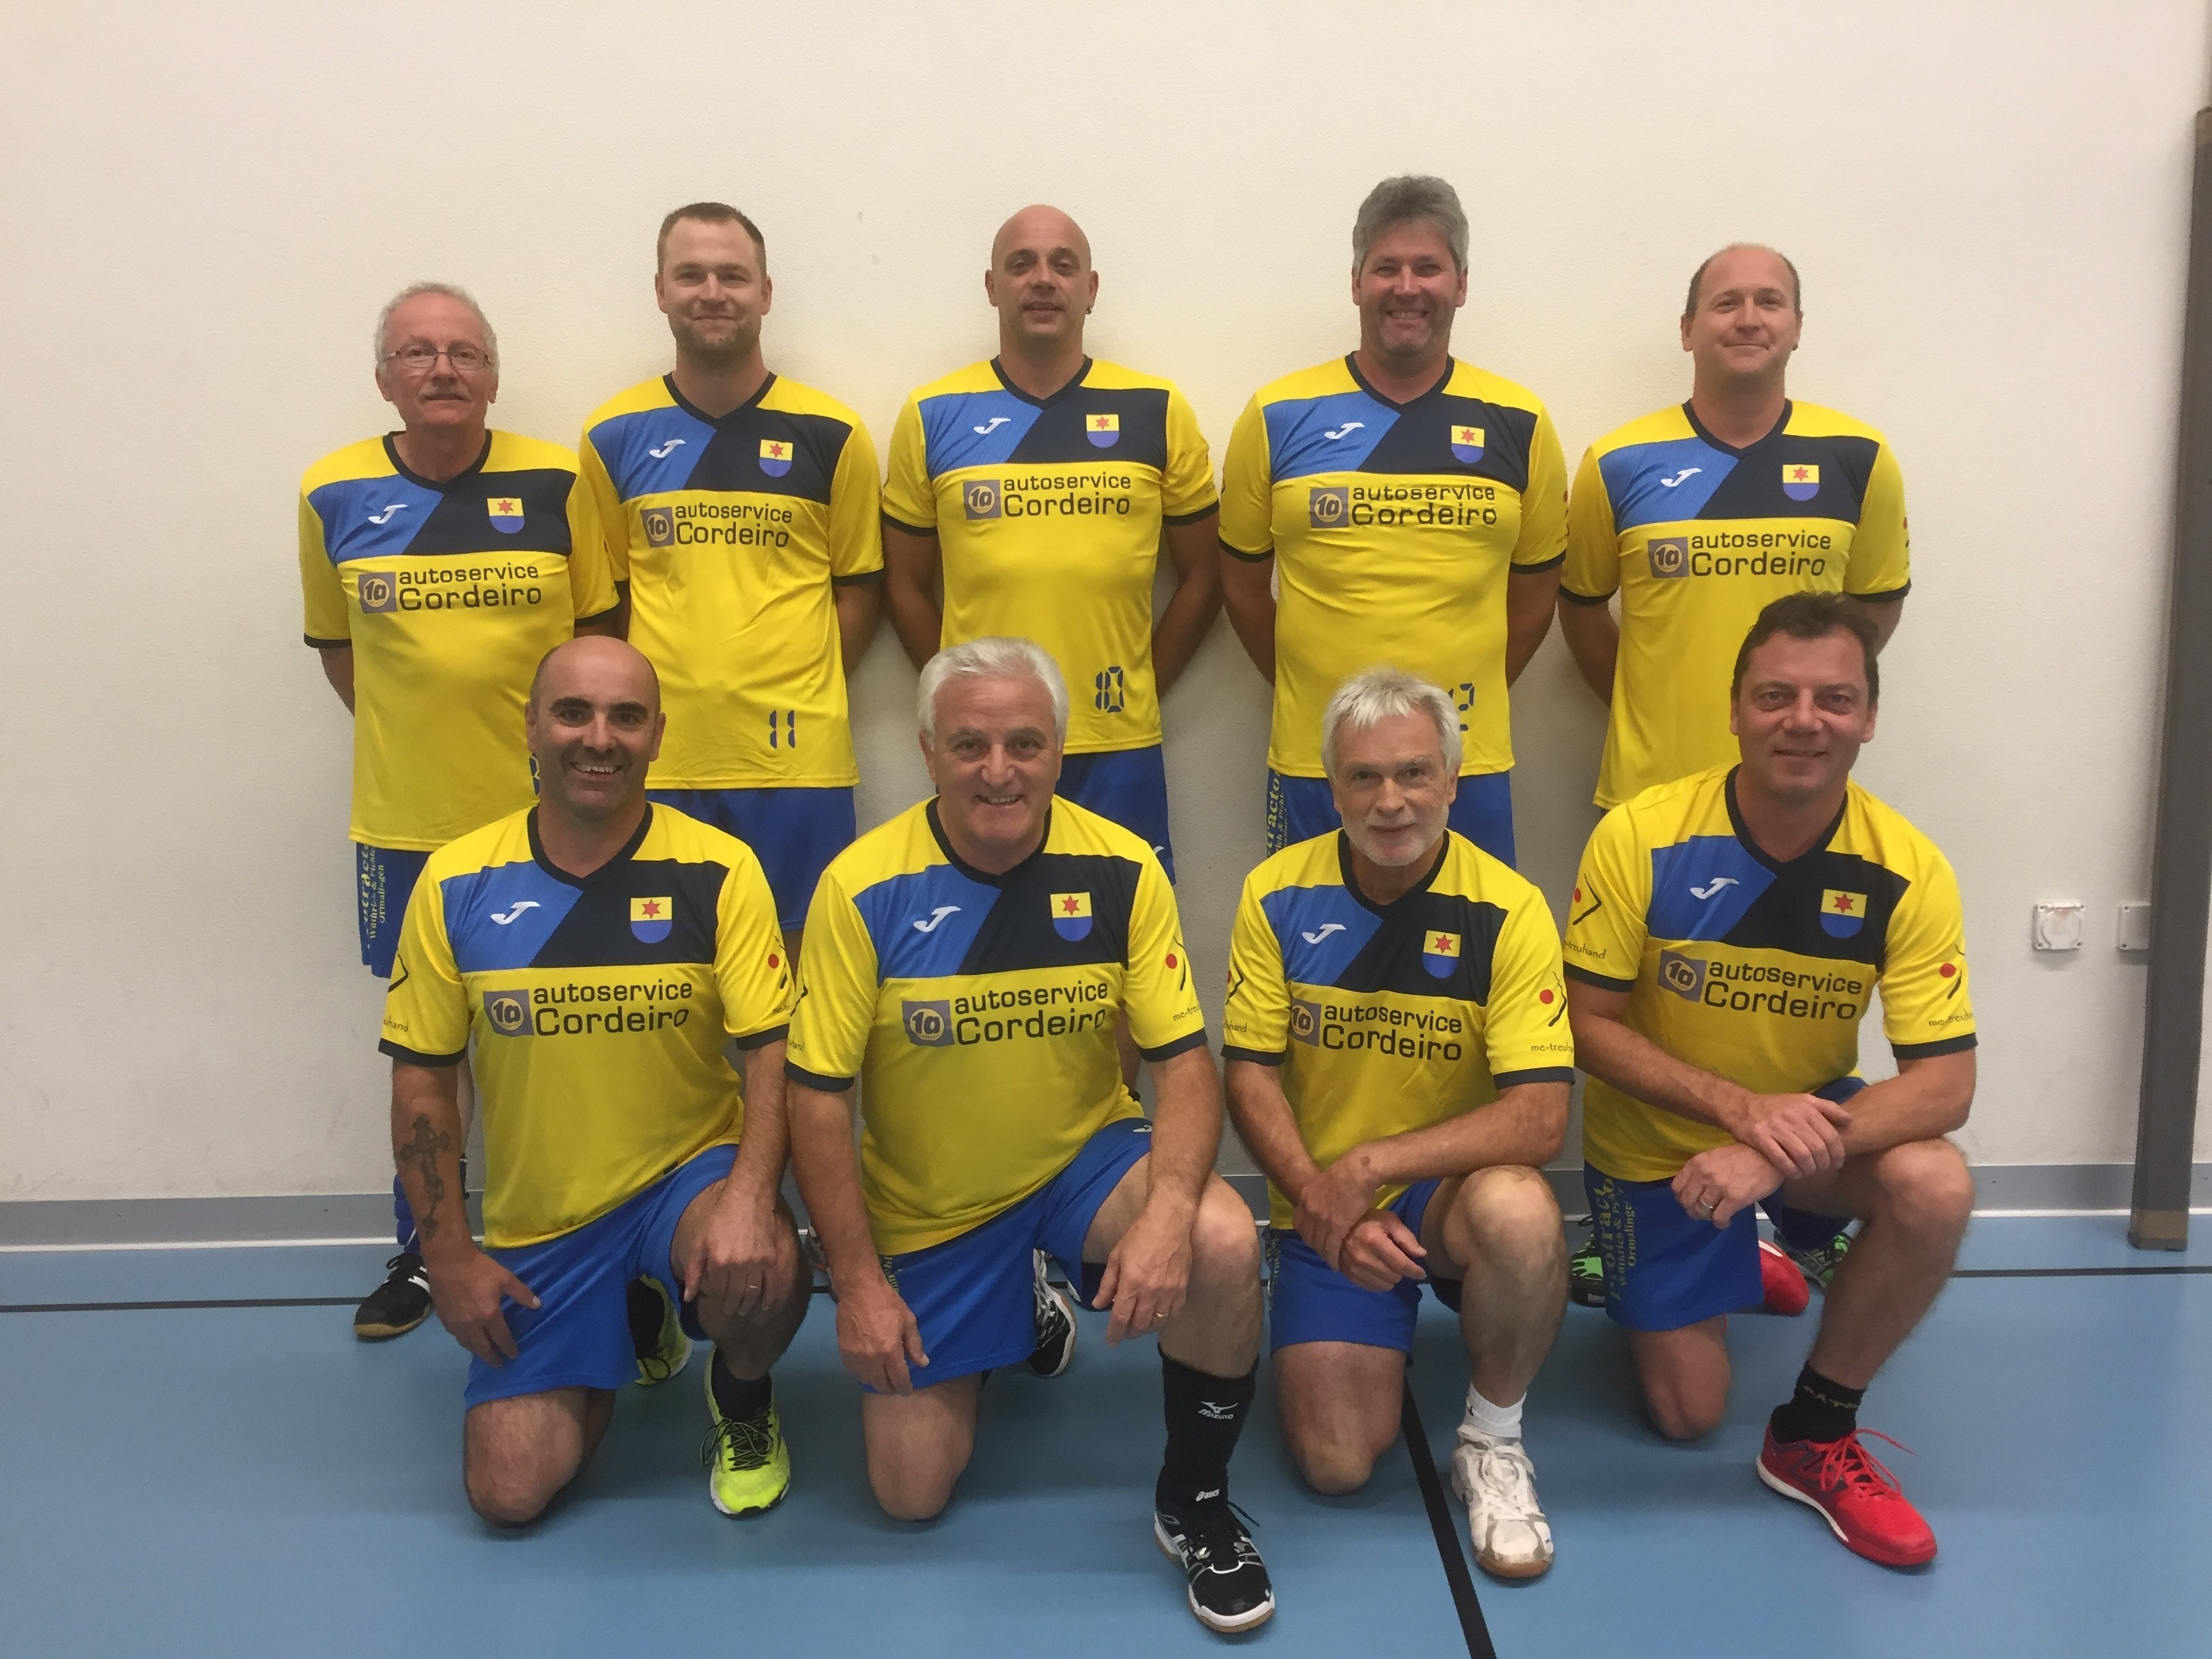 Männerriege-Volleyball-Team und ihre Spiele